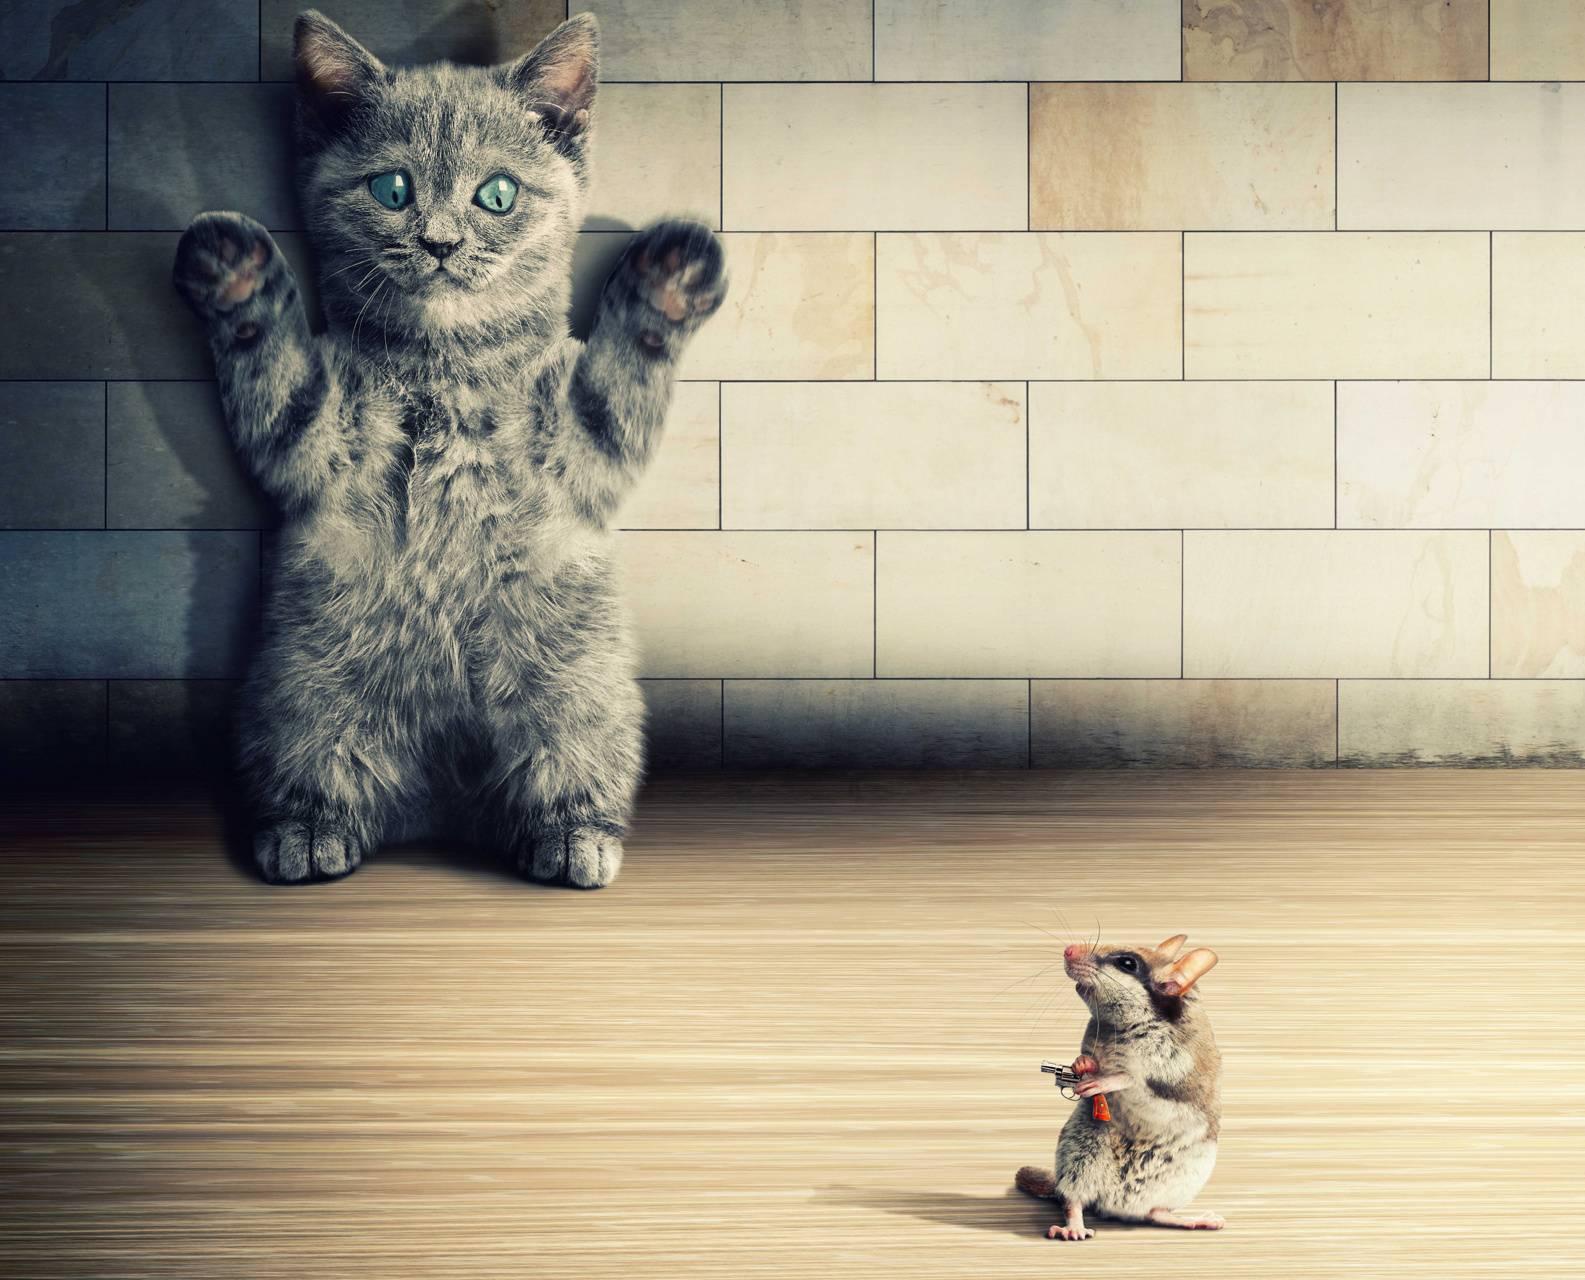 cowardly cat